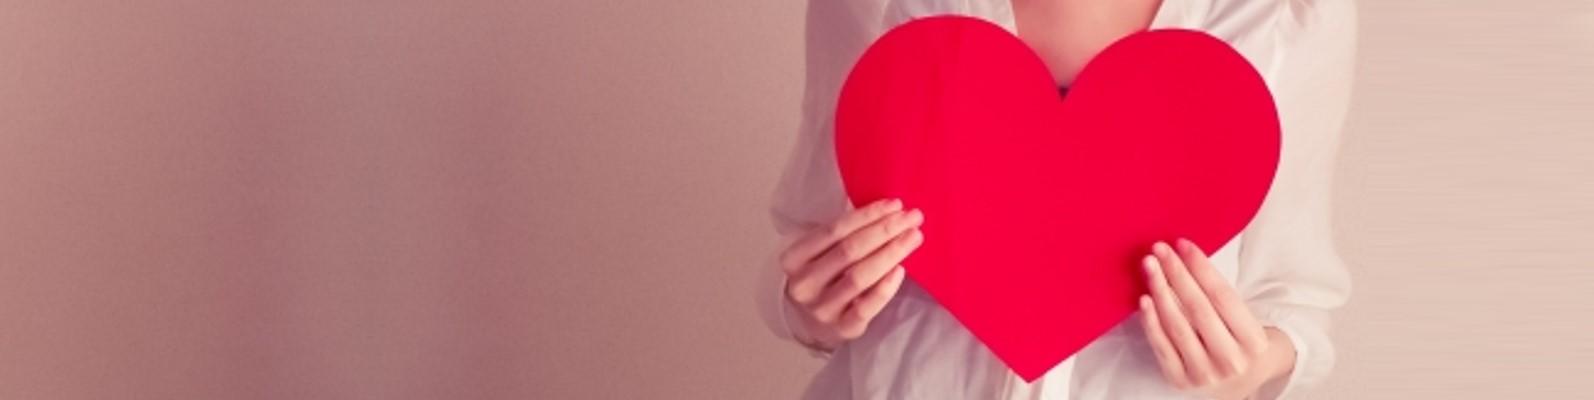 職場のメンタルヘルス「傷んだ心を回復」から「痛みにくい心をつくる」へのコラム